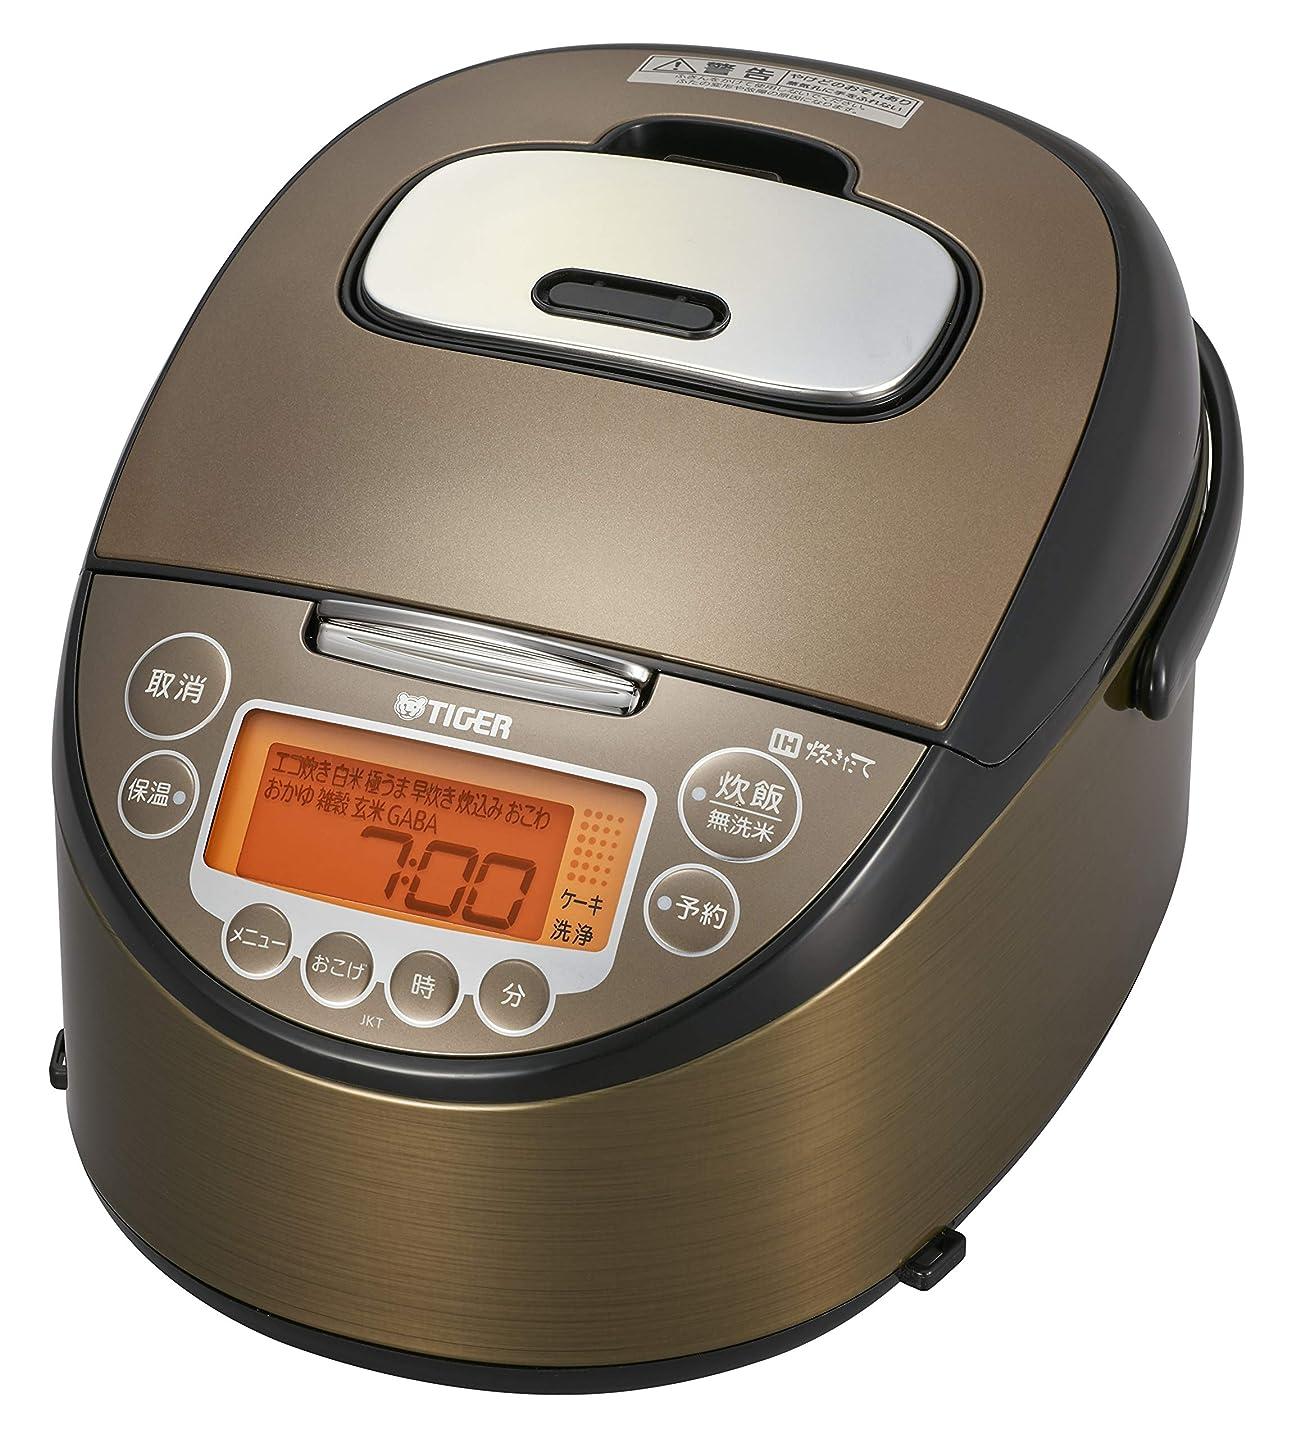 ファントム質素なキラウエア山タイガー 炊飯器 5.5合 IH 炊き分けメニュー 炊きたて JKT-B103-TK